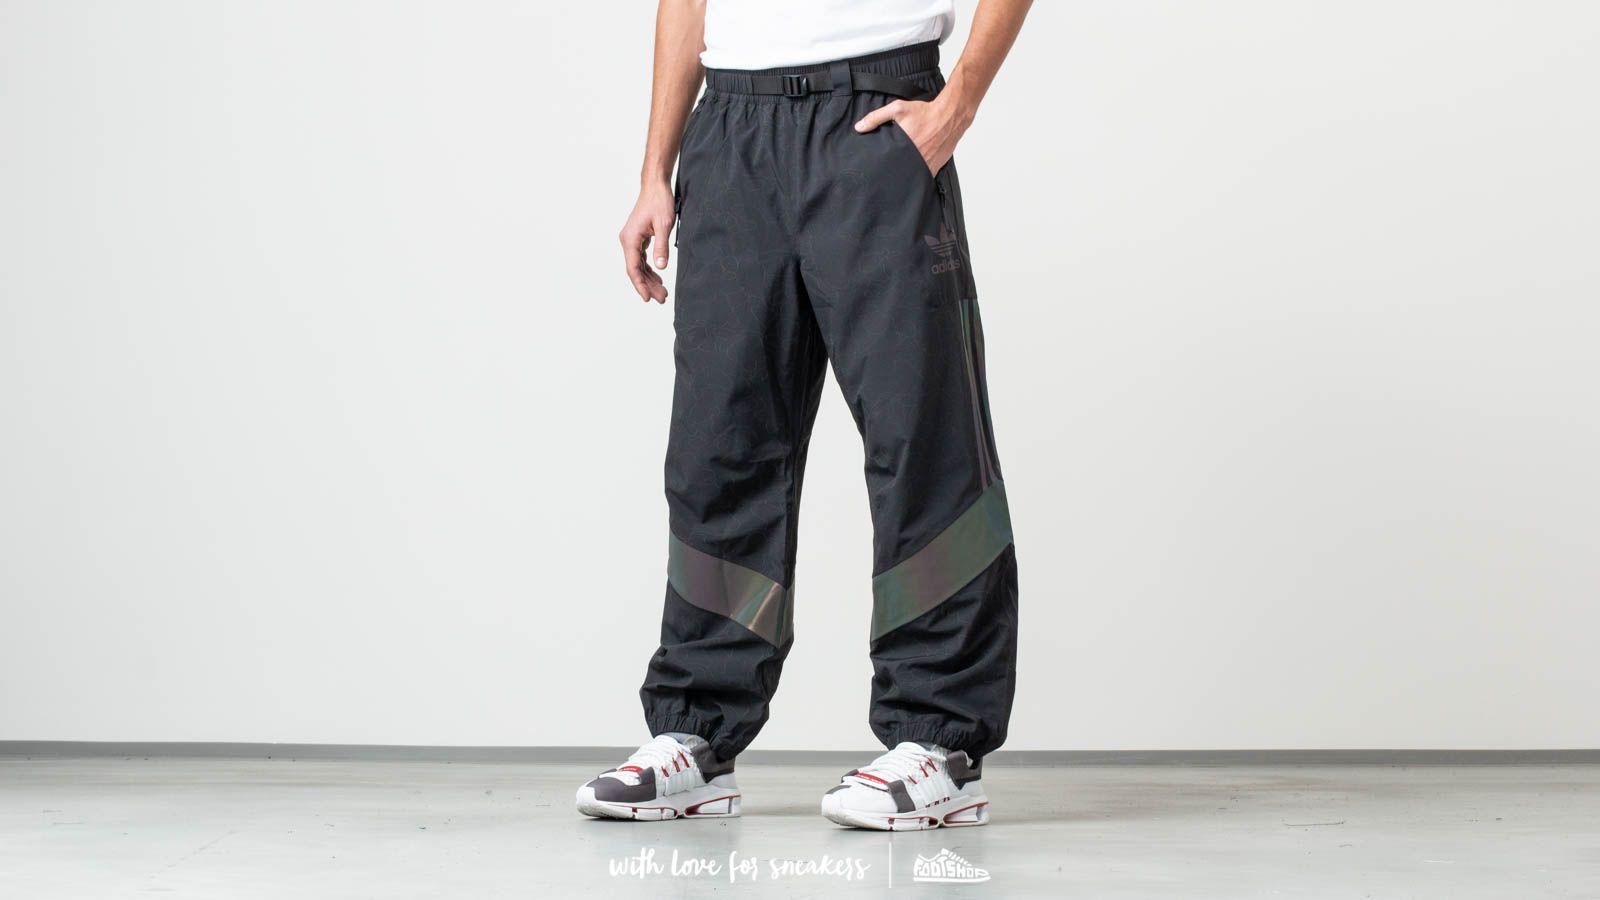 adidas x BAPE Slopetrotter Pants